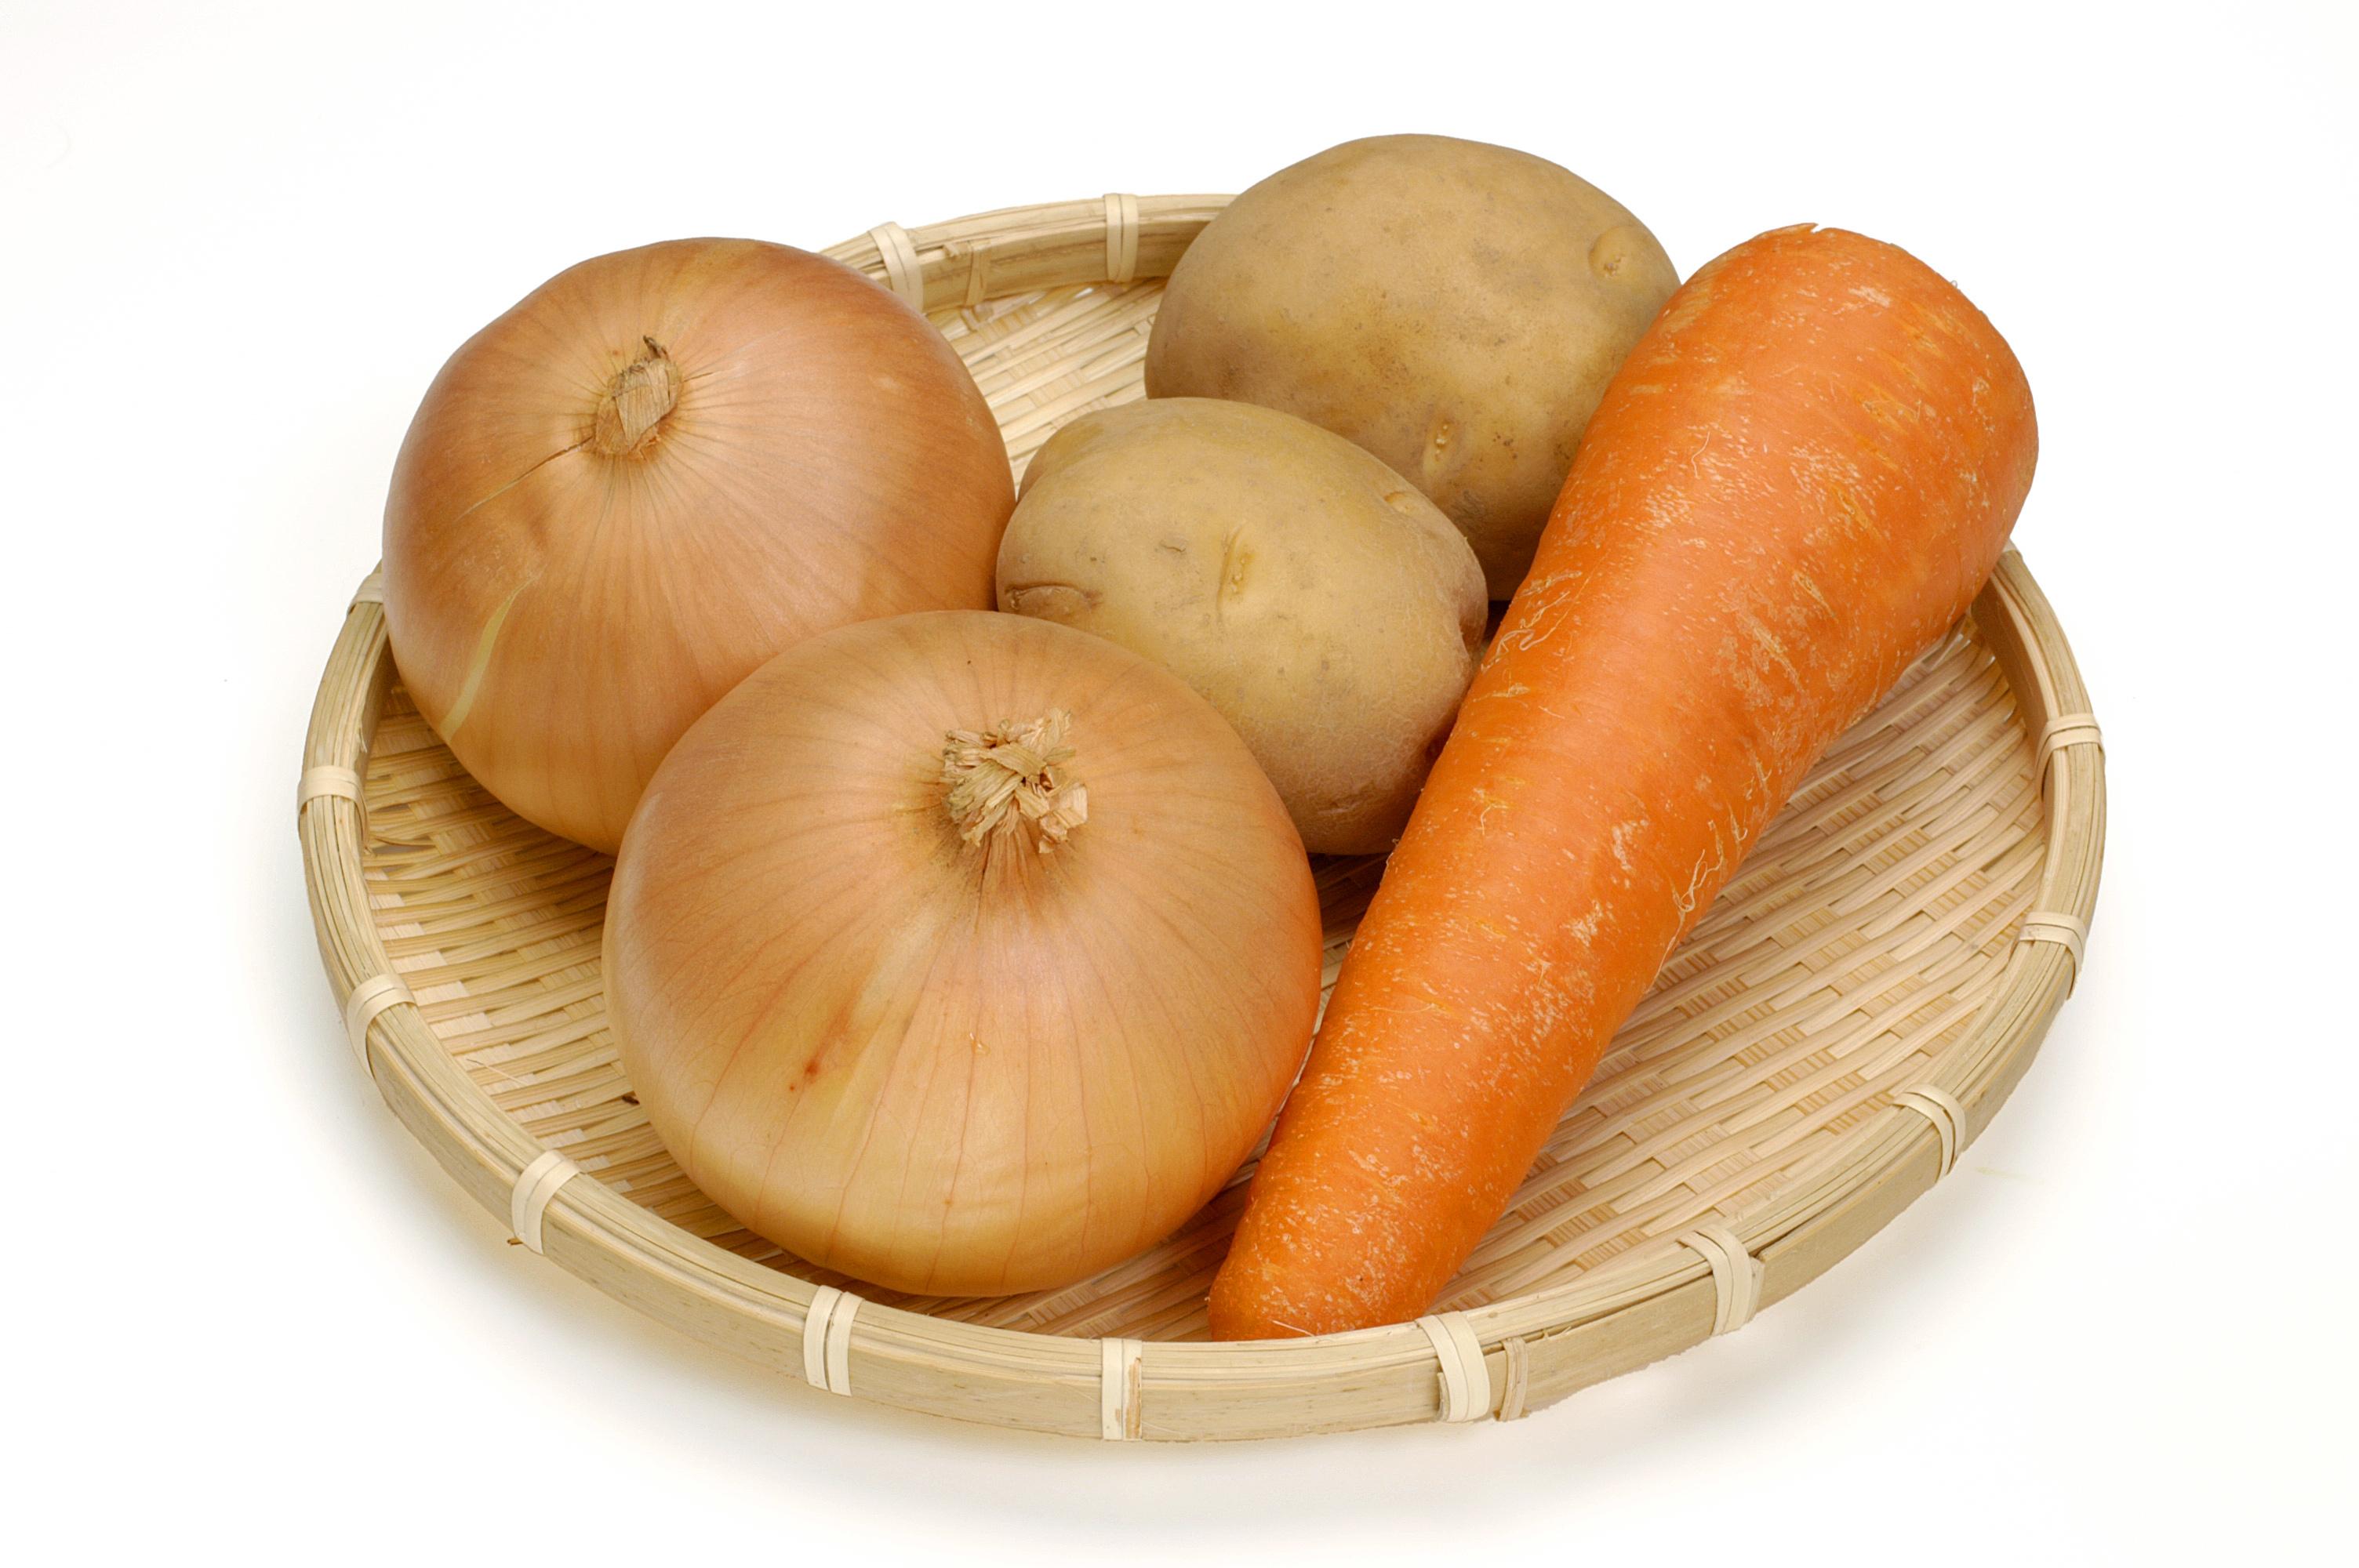 食卓の強い味方!人参と玉ねぎを使うレパートリーを増やすレシピ5選のサムネイル画像